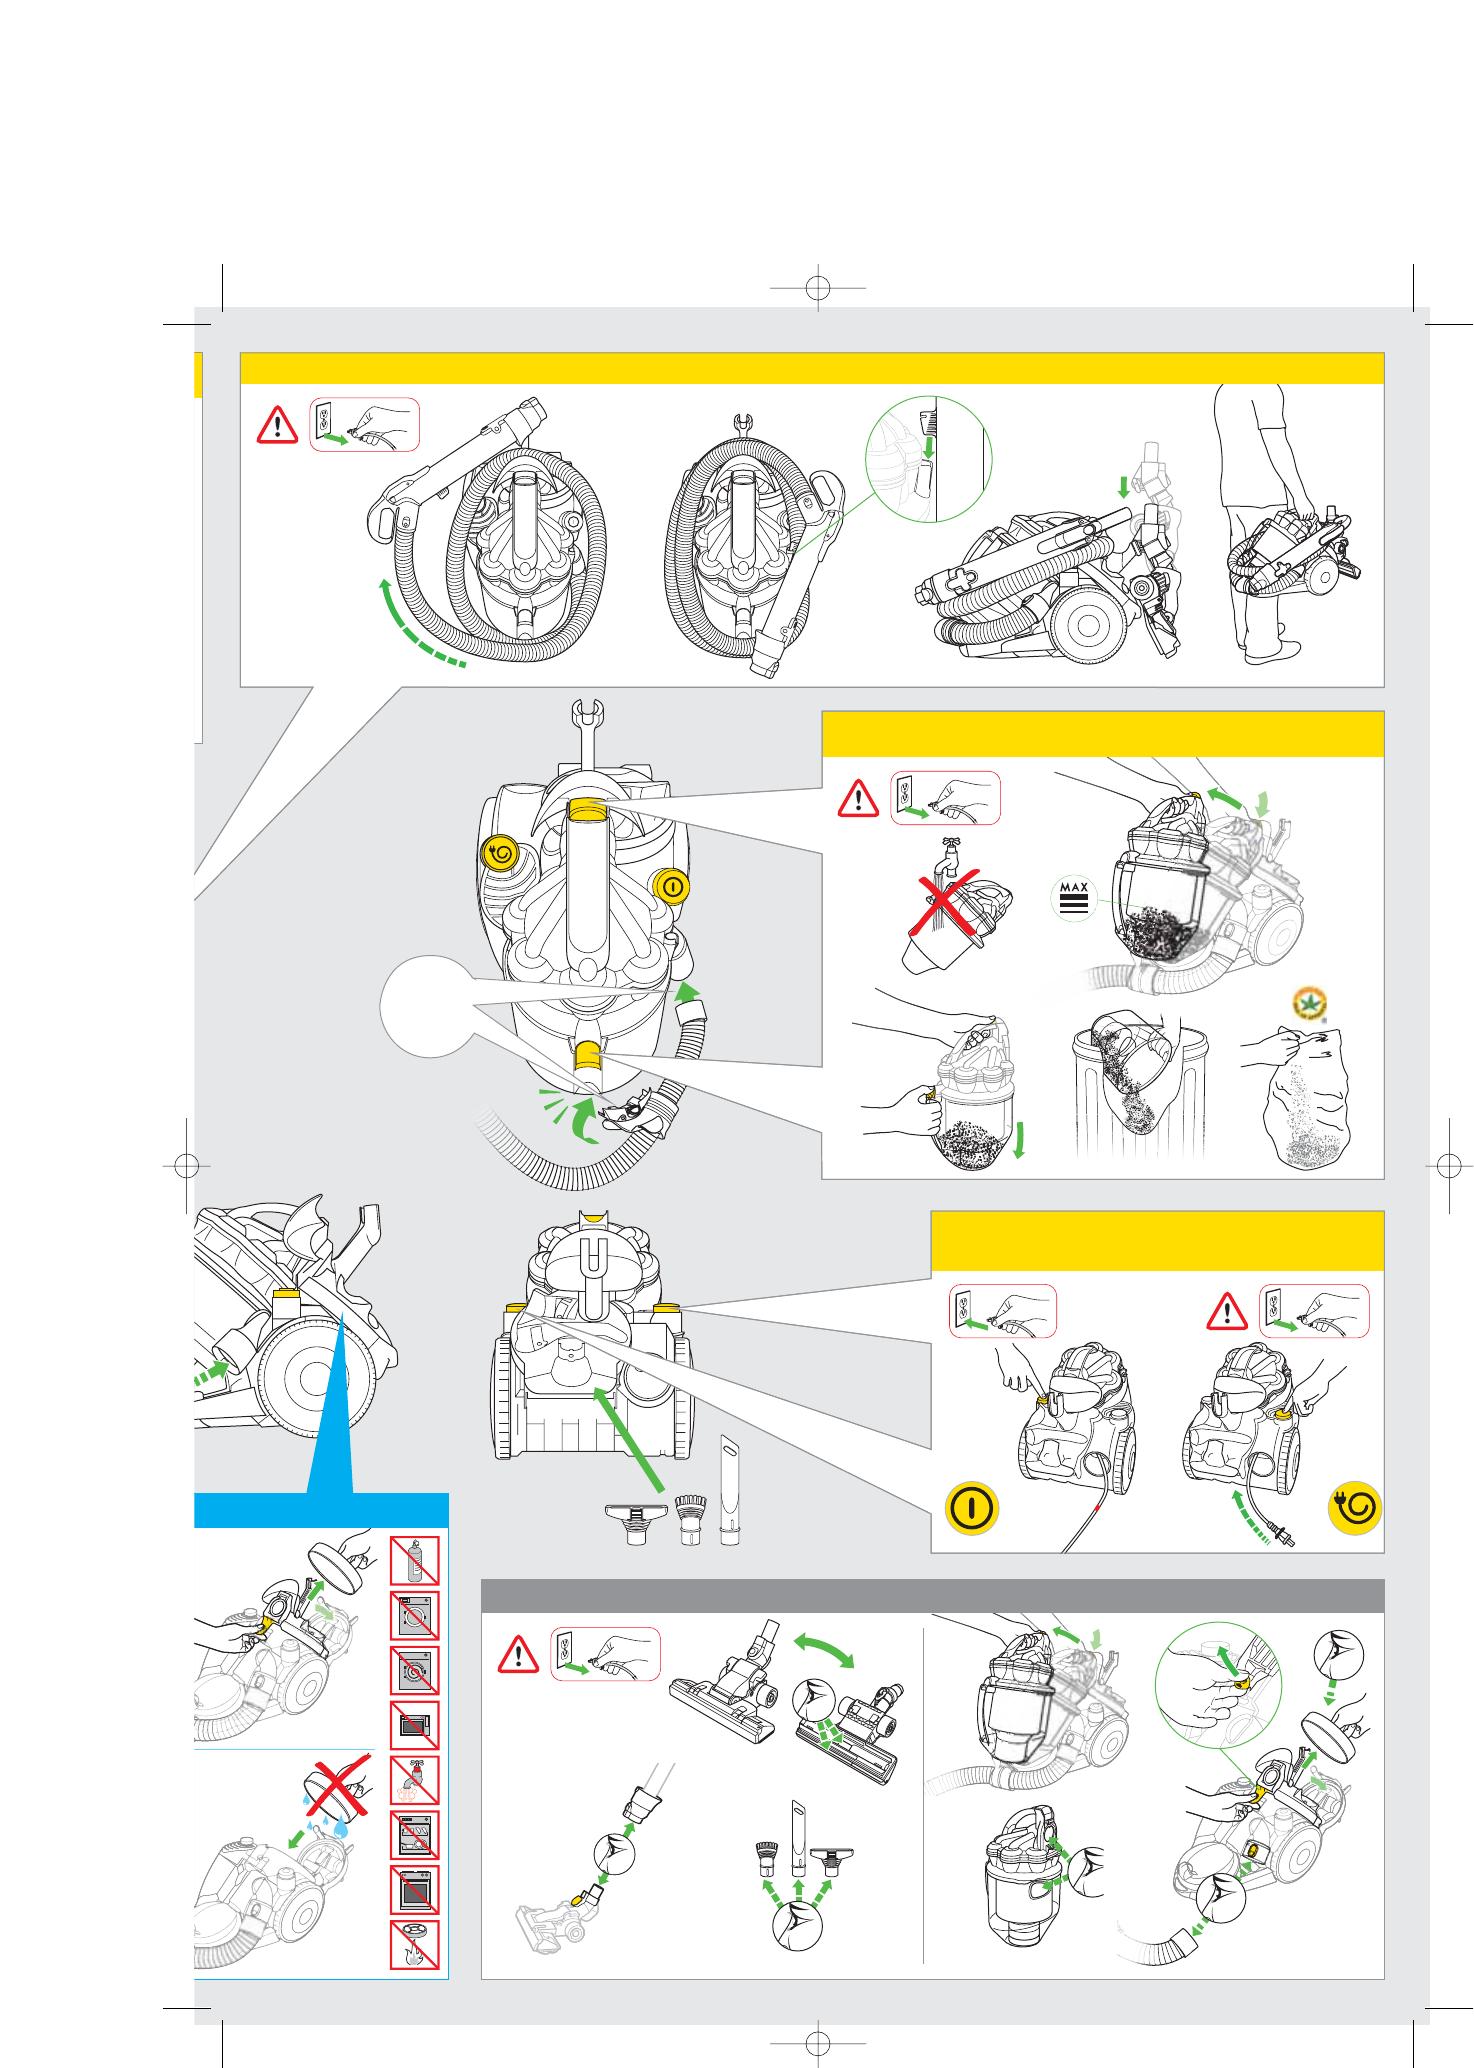 Инструкция по эксплуатации пылесоса дайсон 29 dyson пылесос инструкция